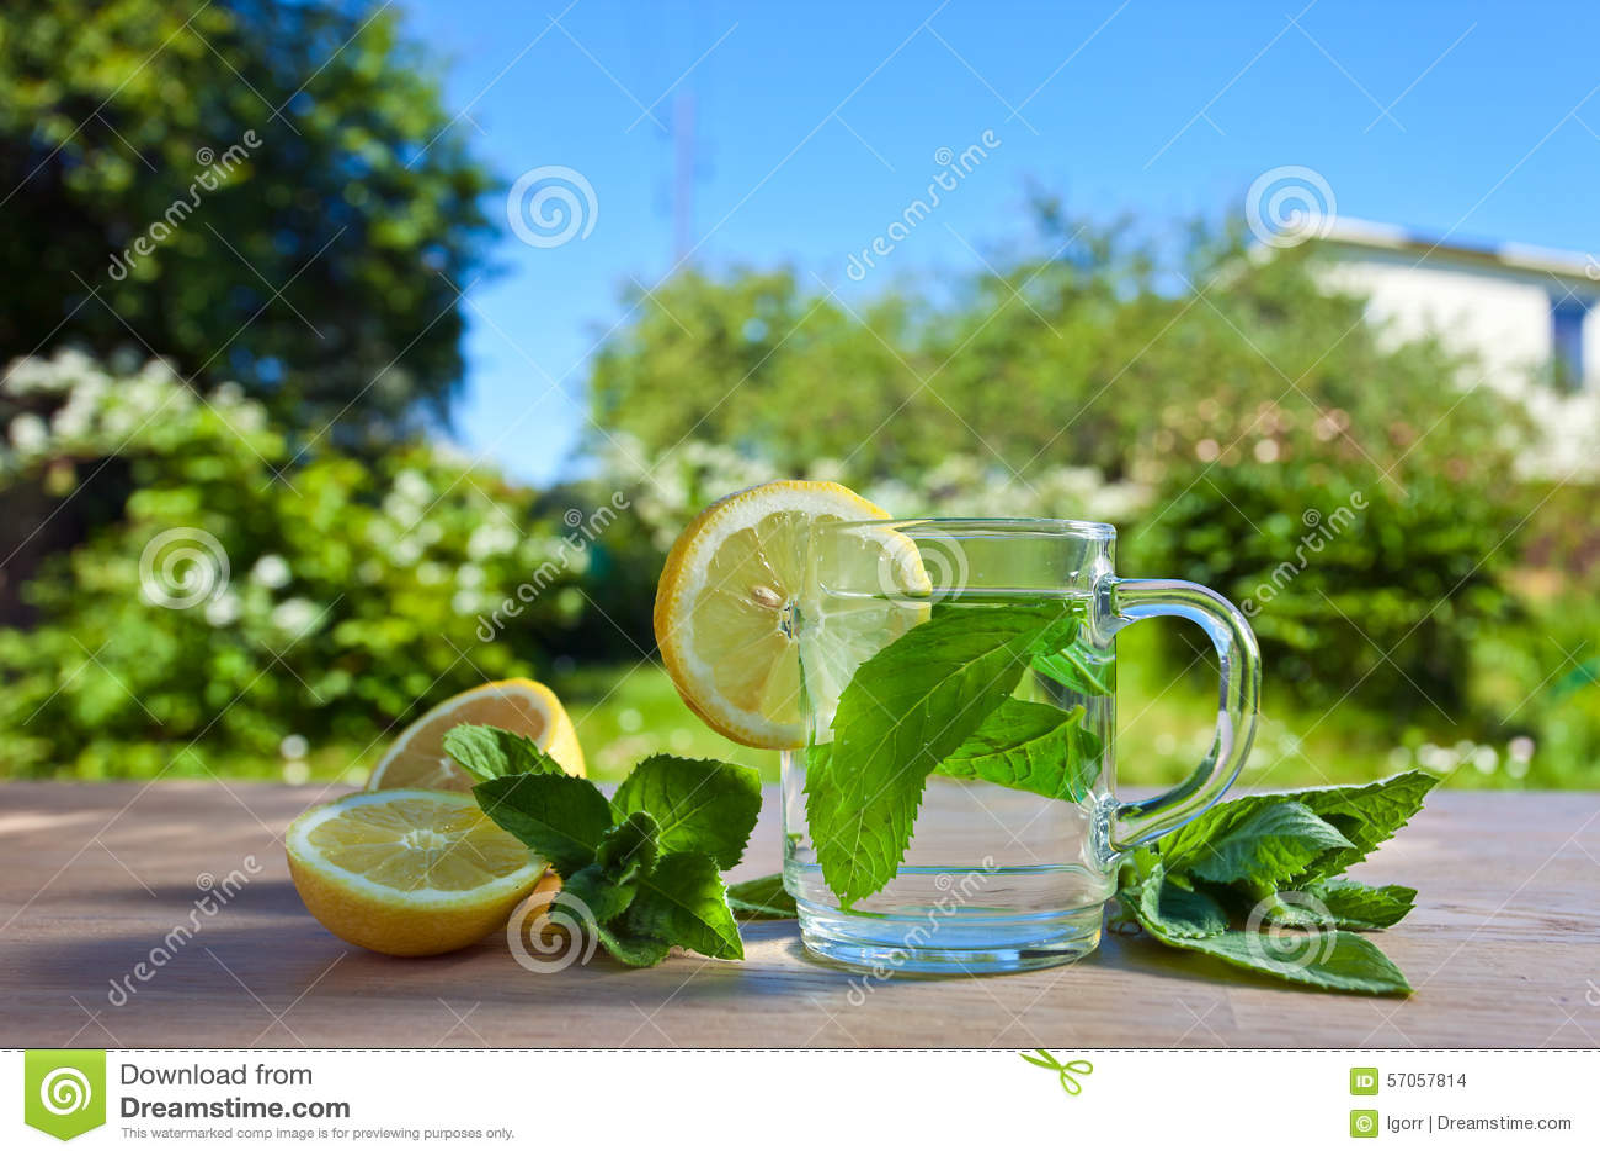 Pepermuntthee met citroen